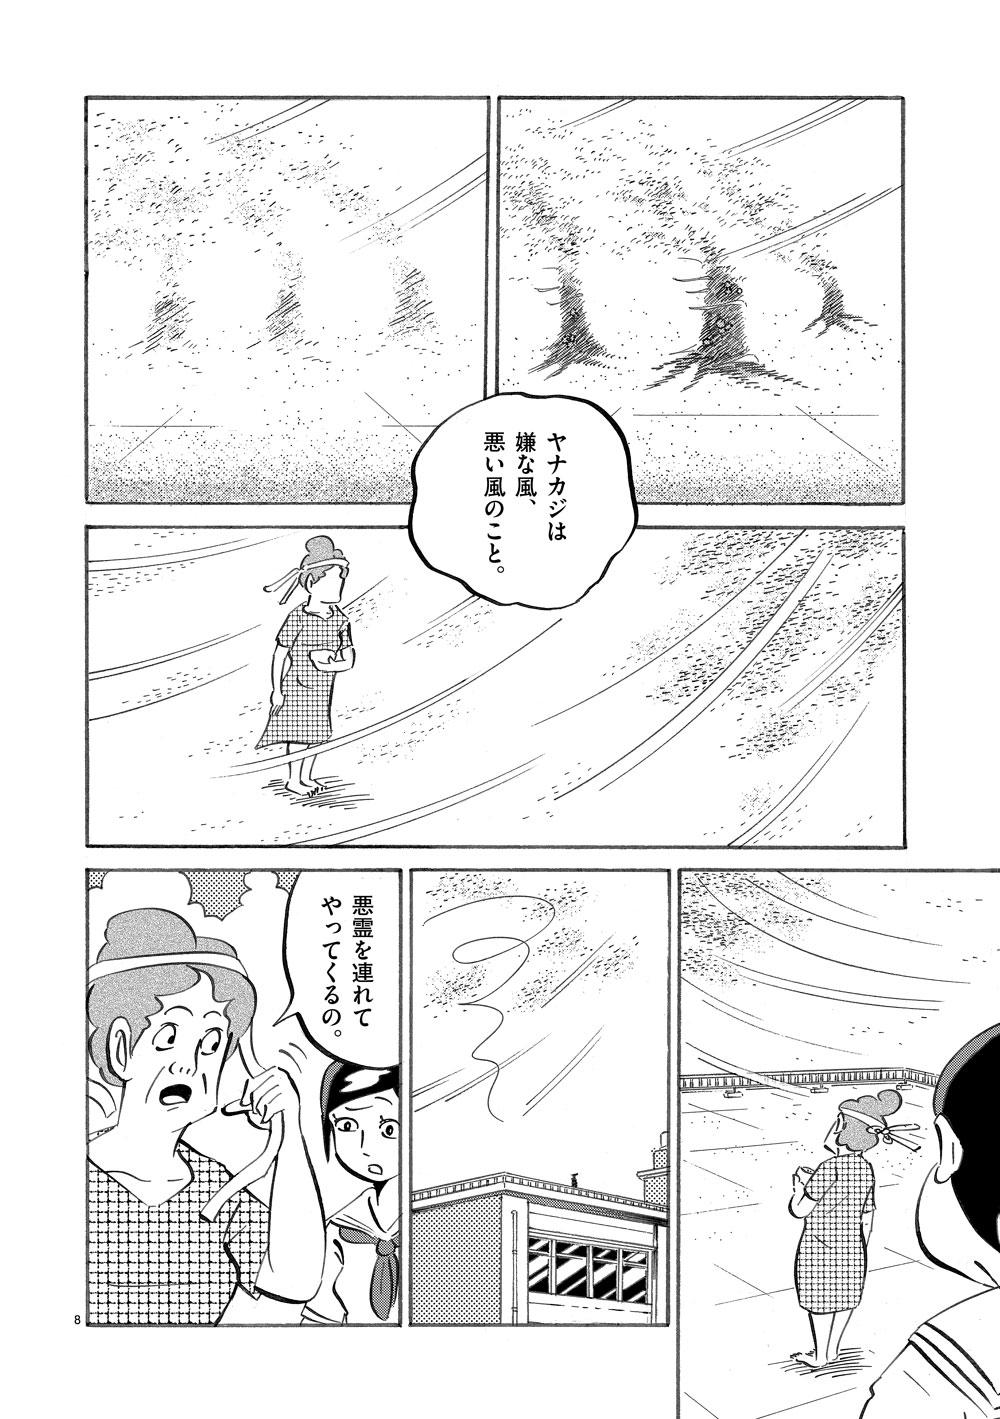 琉球怪談 【第11話】WEB掲載8ページ目画像